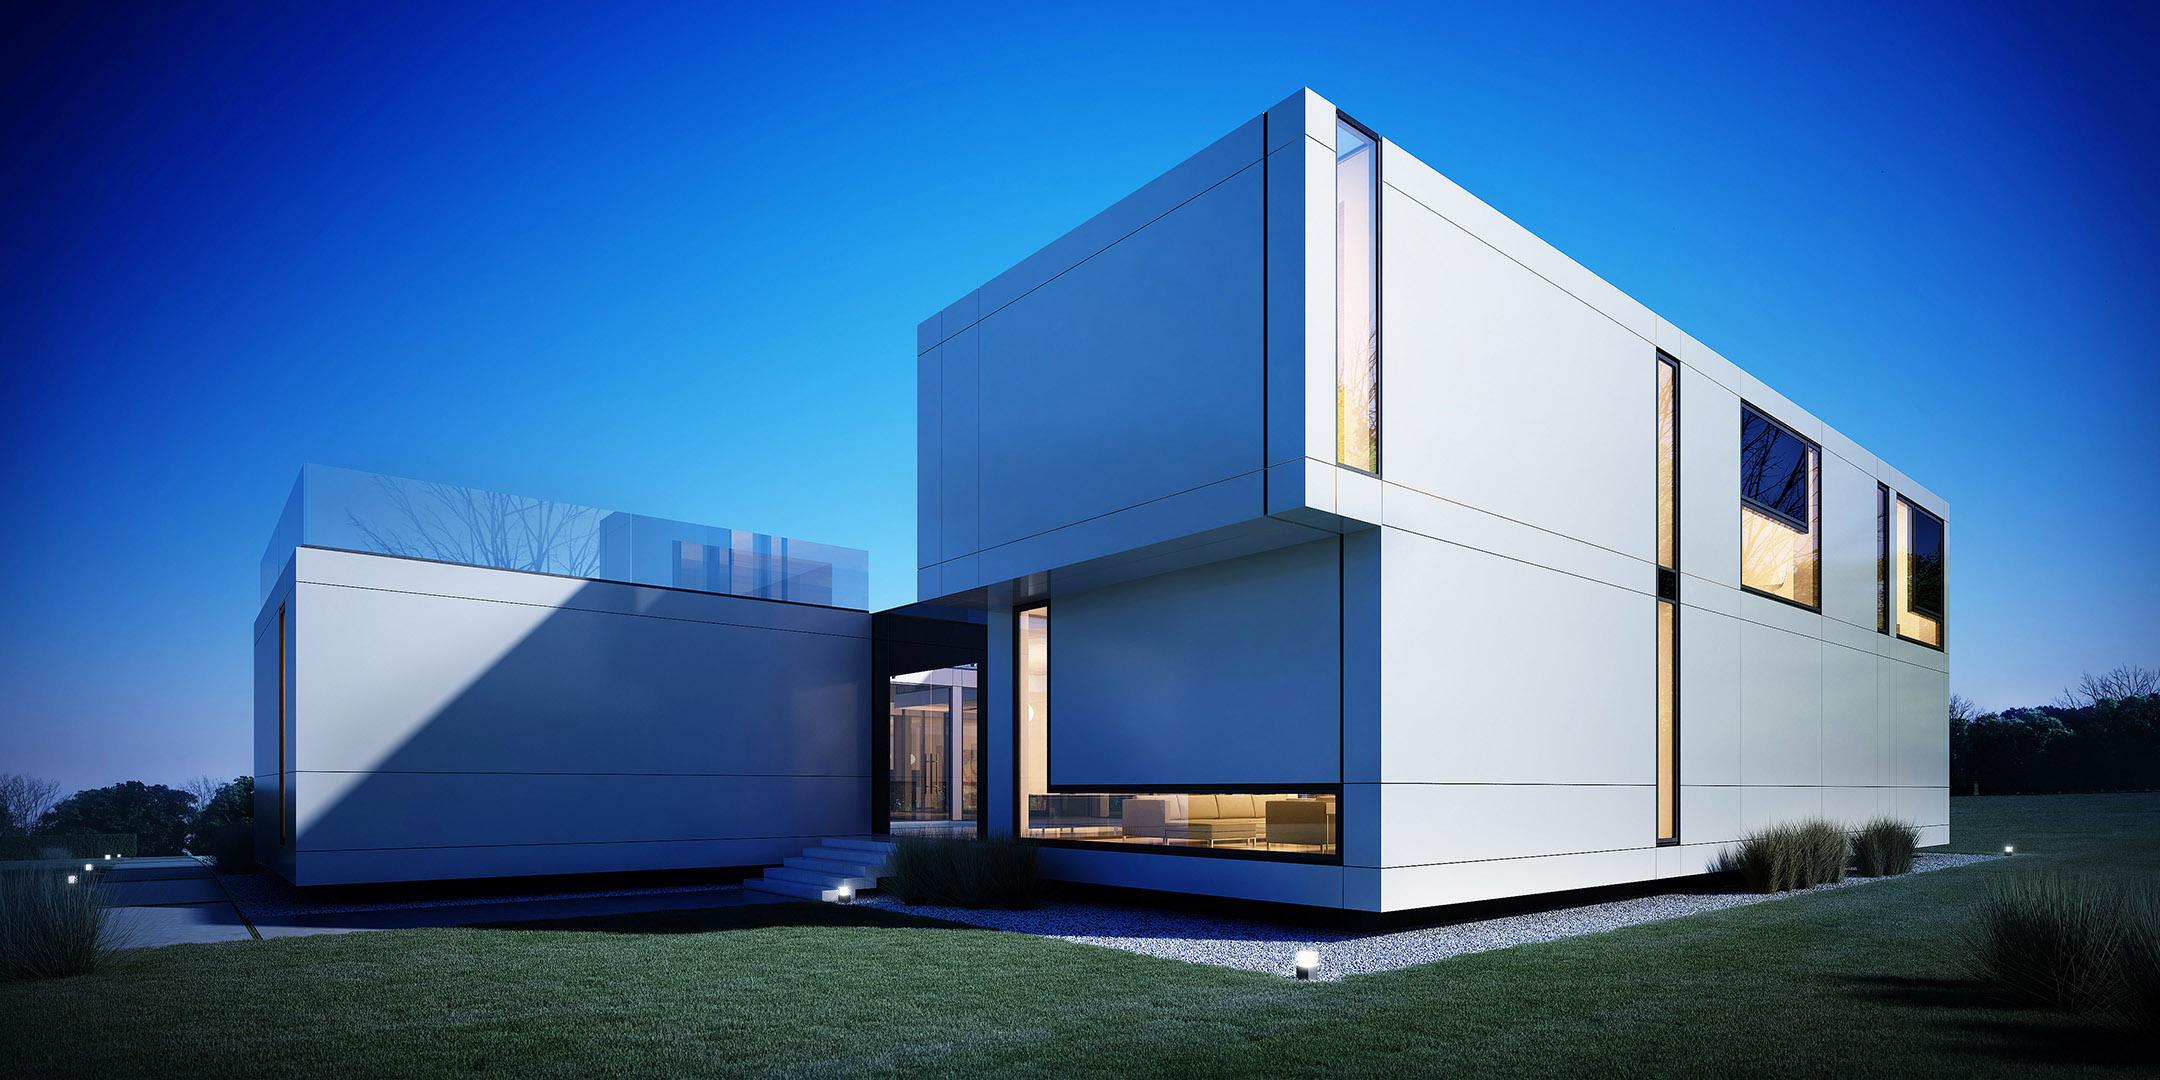 проекти на еднофамилни къщи